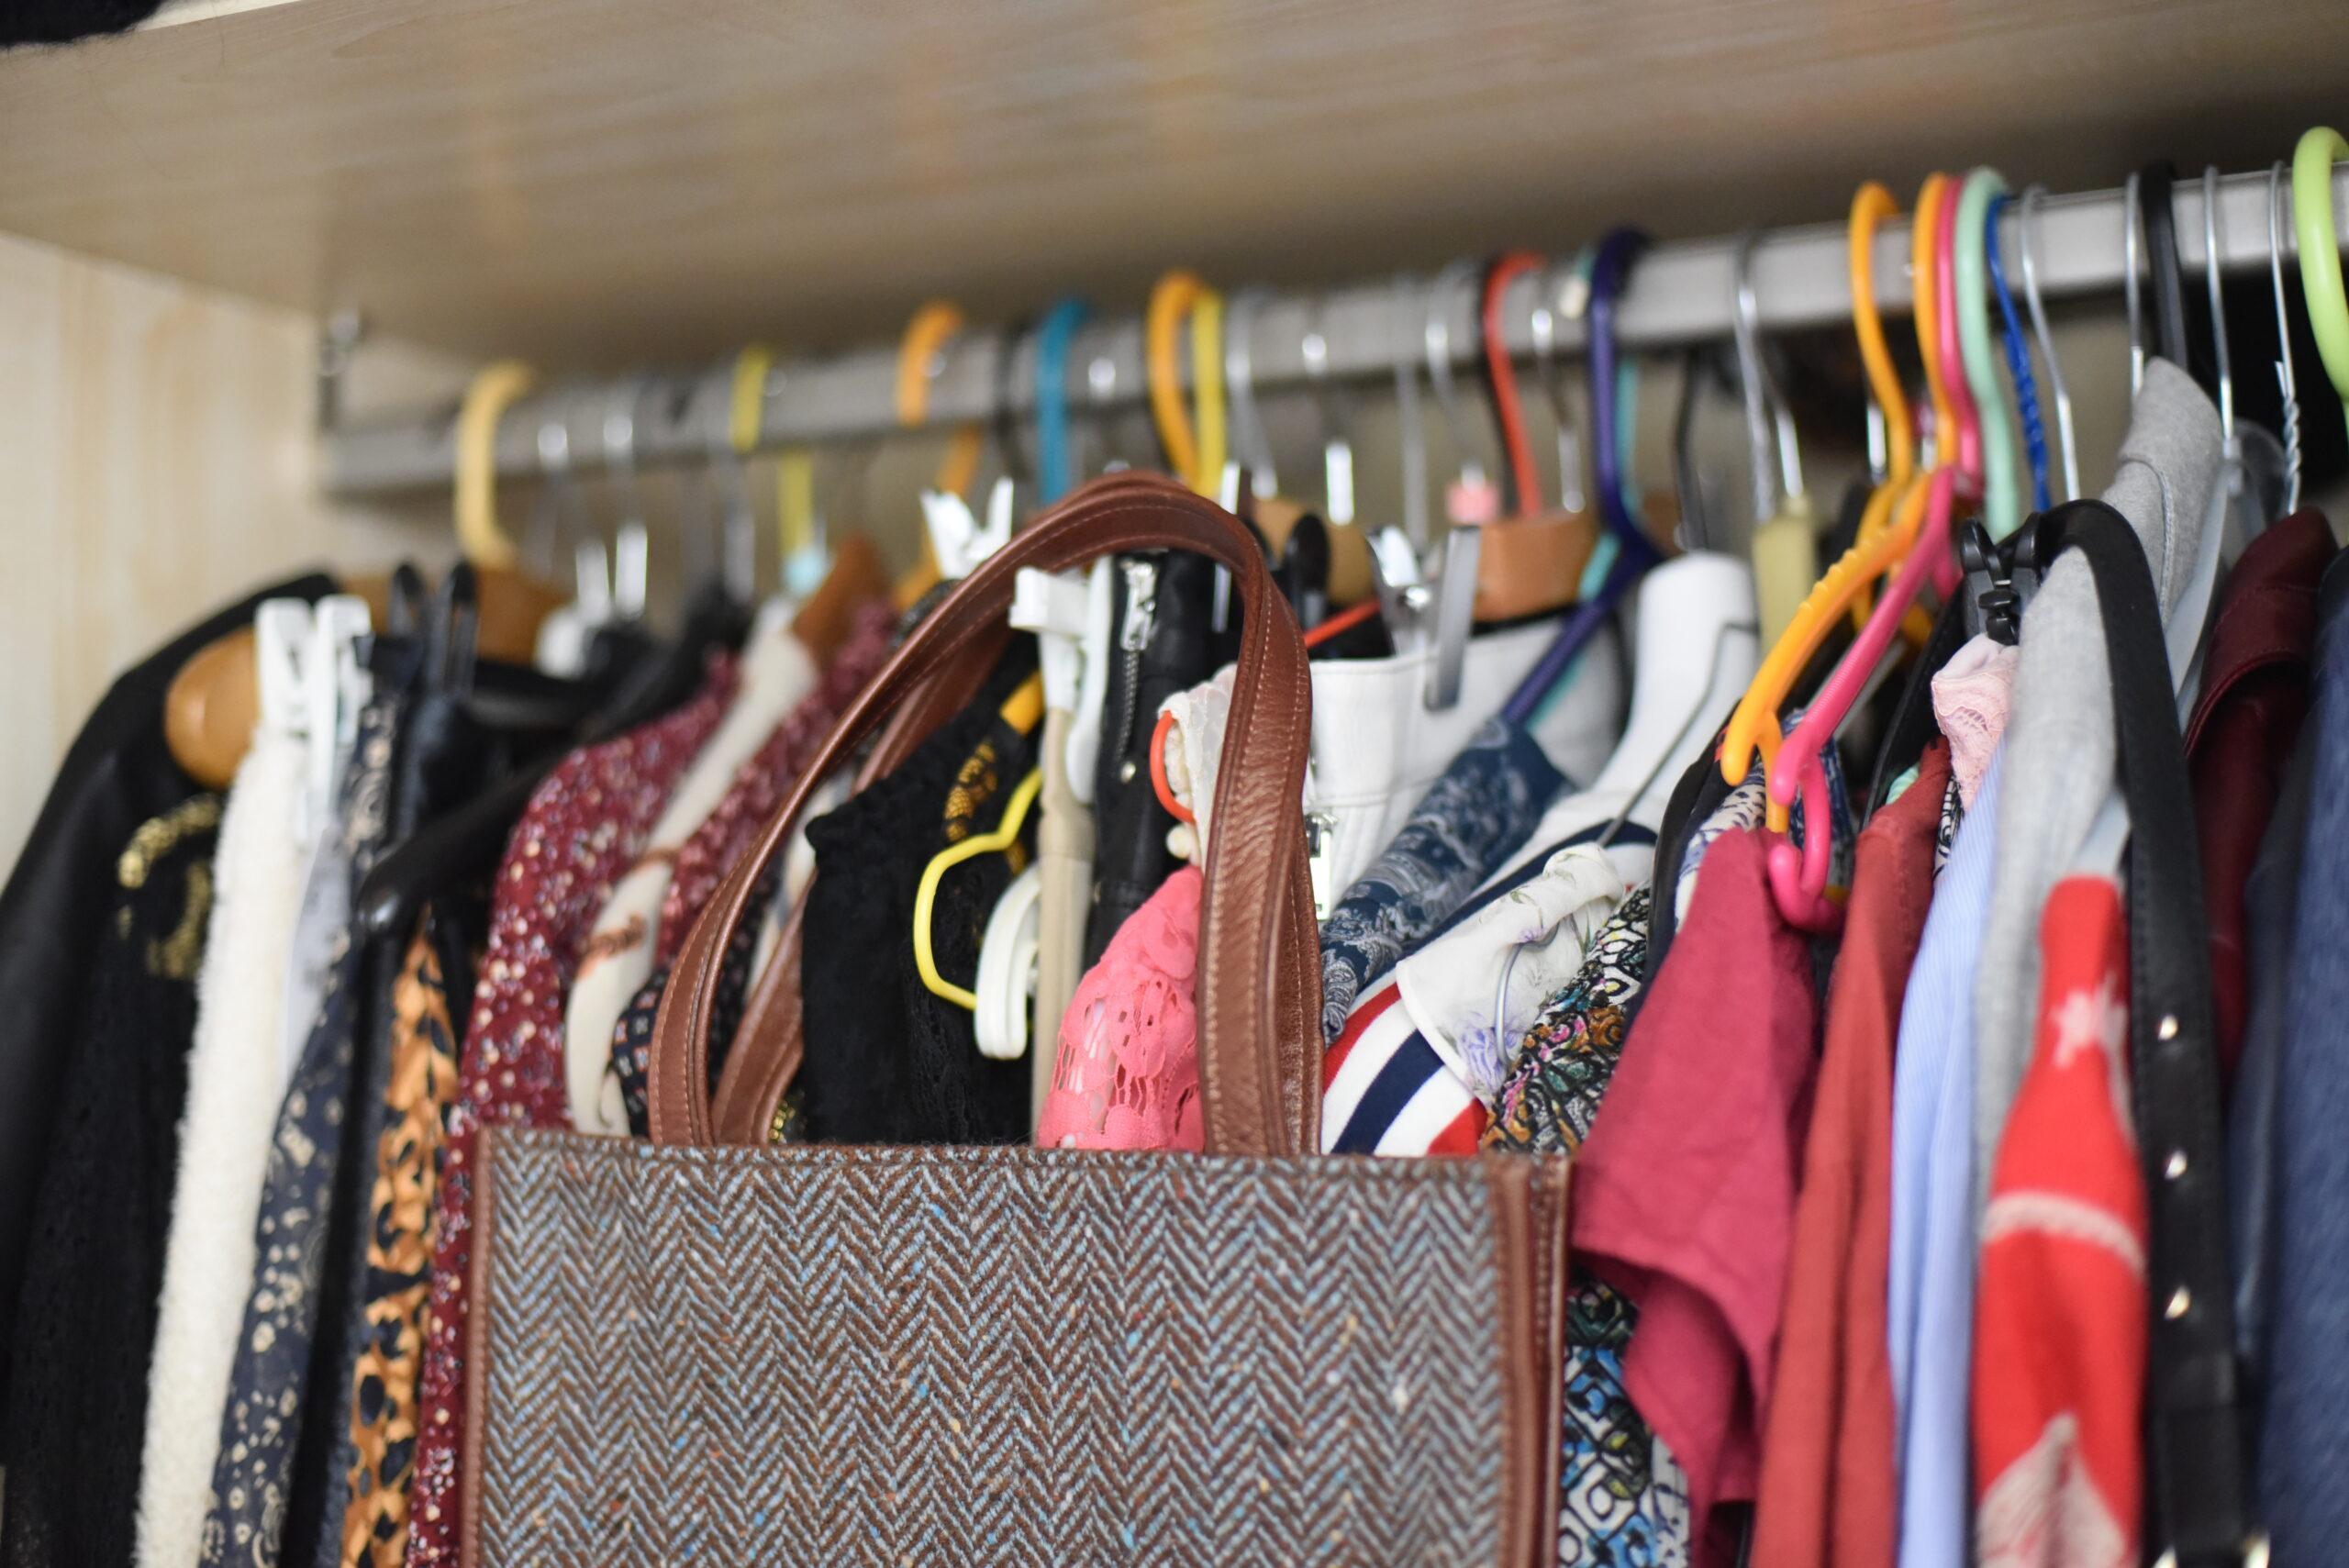 Comment créer une garde-robe minimaliste, durable et de façon originale?